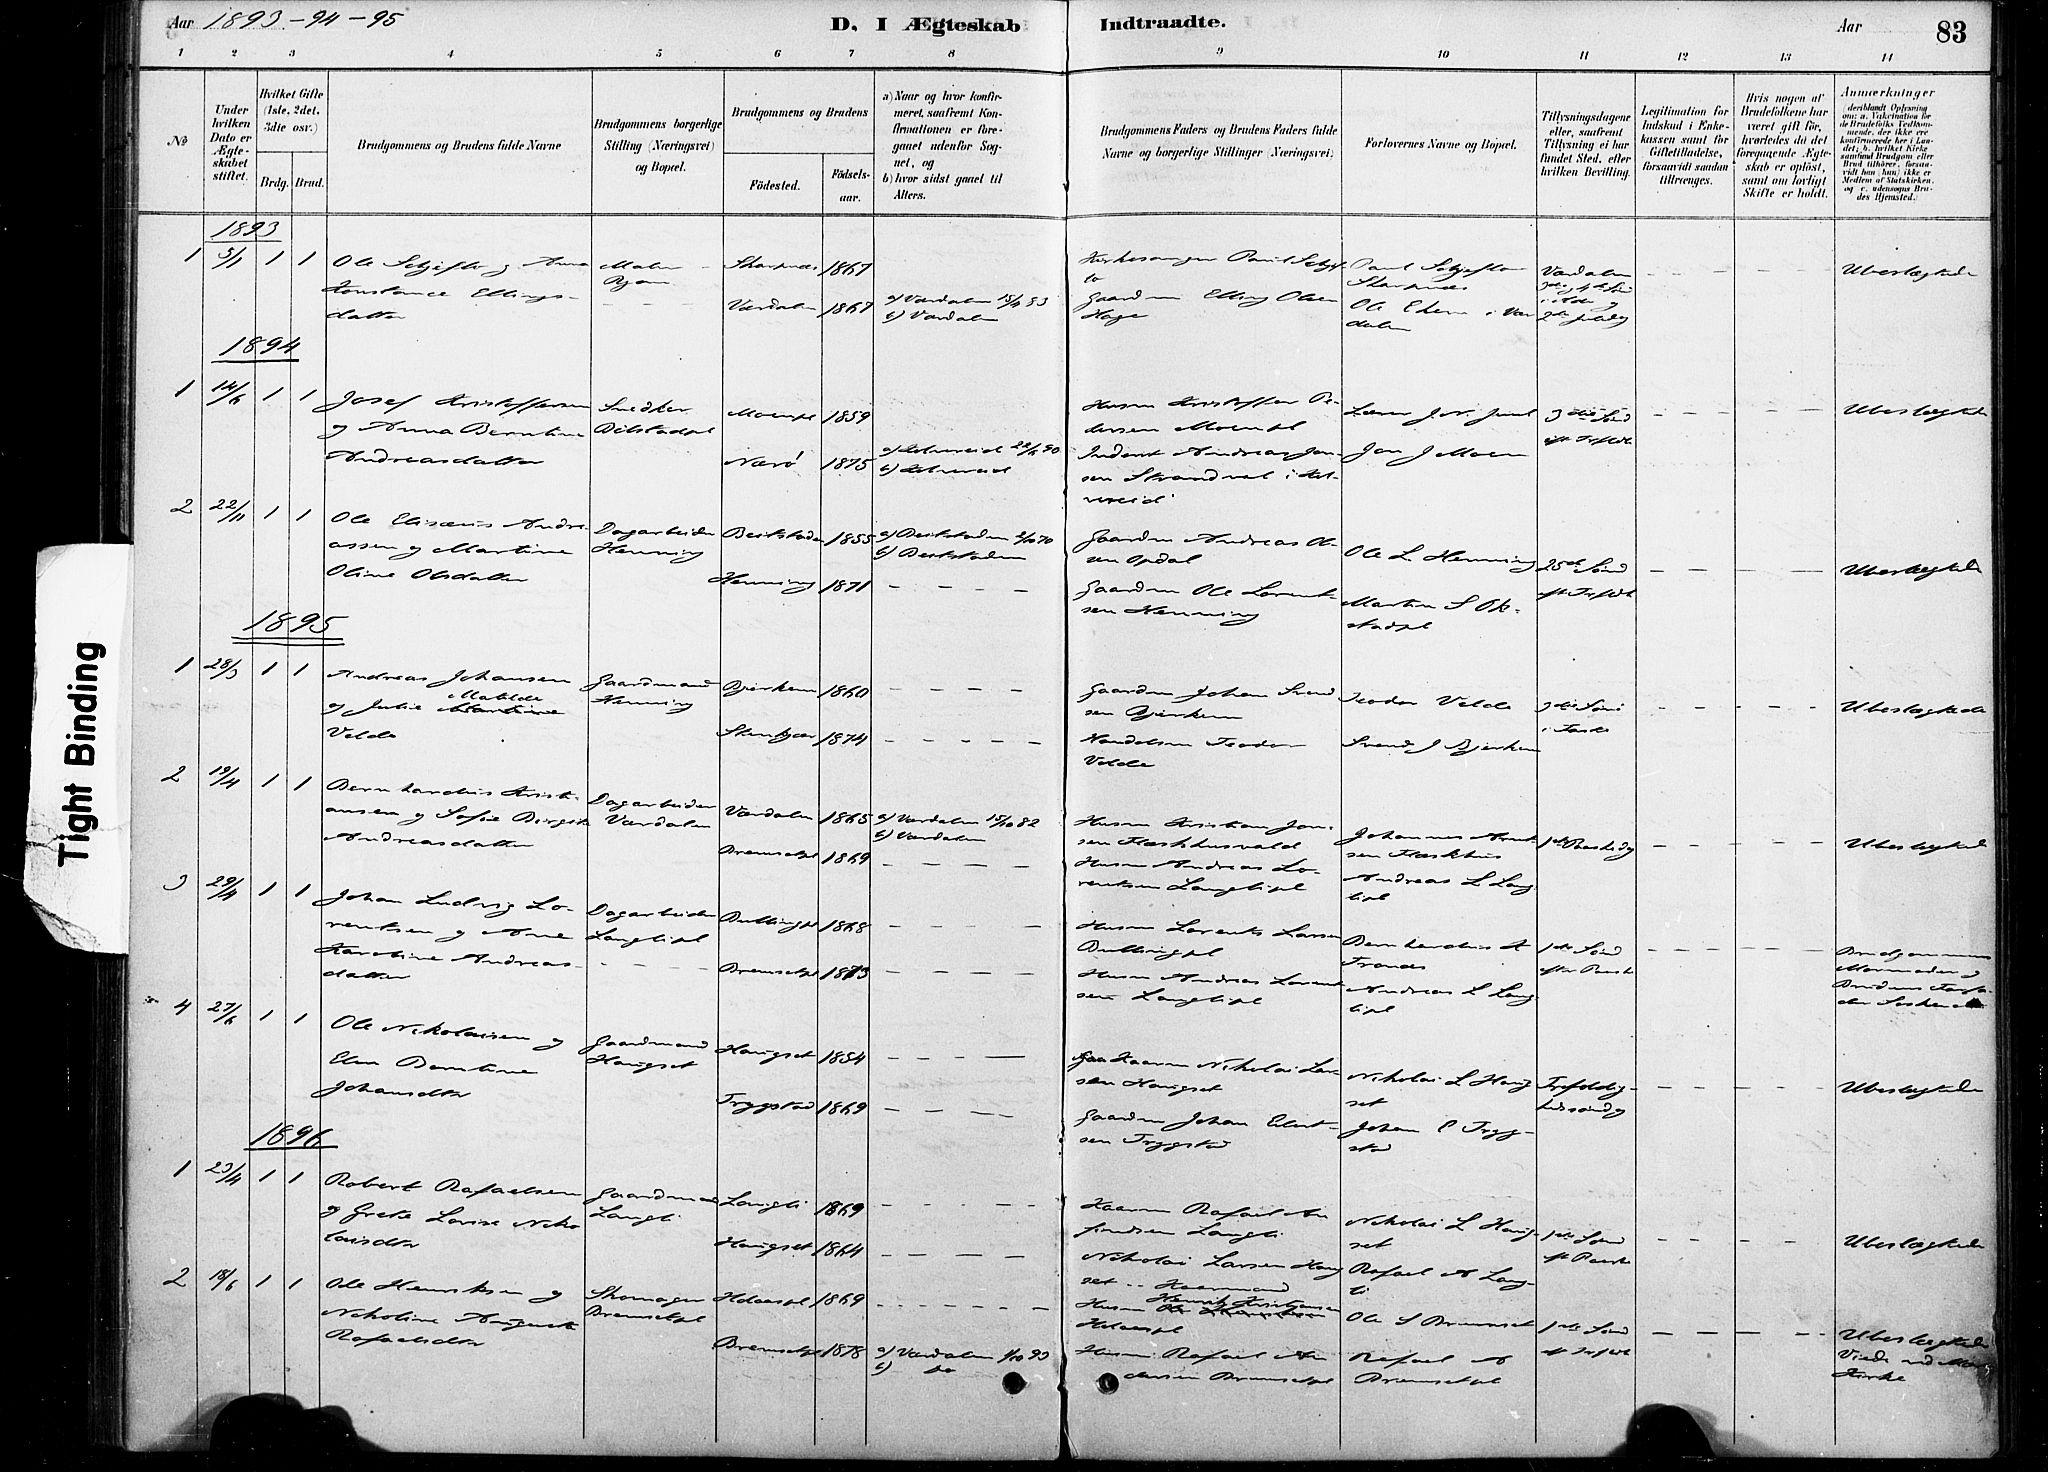 SAT, Ministerialprotokoller, klokkerbøker og fødselsregistre - Nord-Trøndelag, 738/L0364: Ministerialbok nr. 738A01, 1884-1902, s. 83